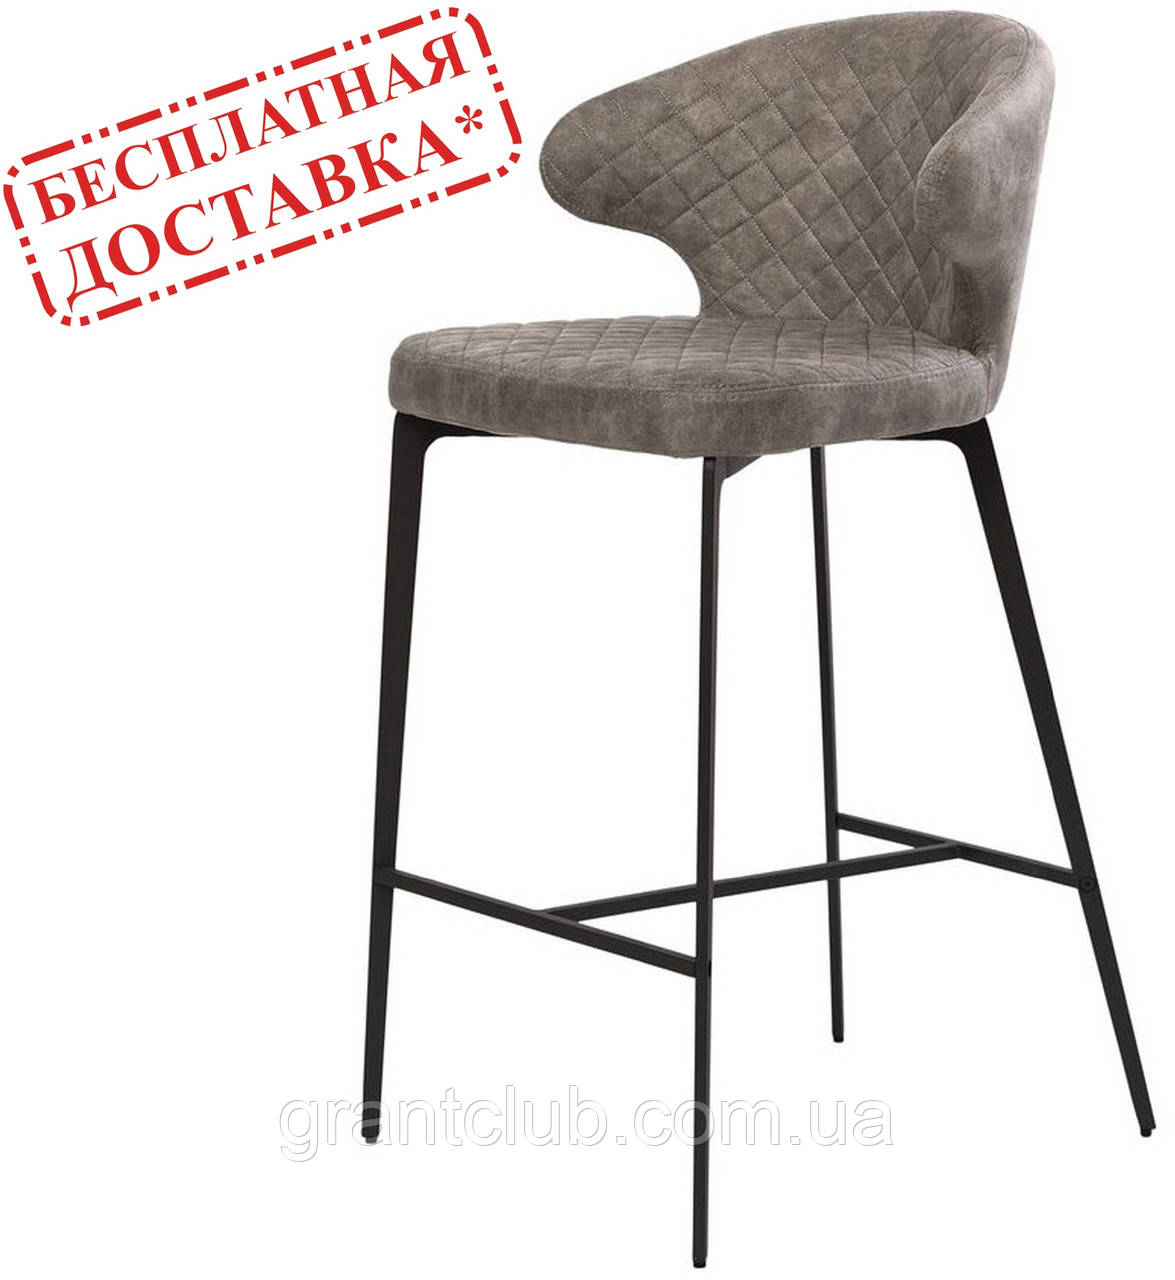 Полубарный стілець KEEN ШЕДОУ ГРЕЙ світло сірий (безкоштовна доставка)